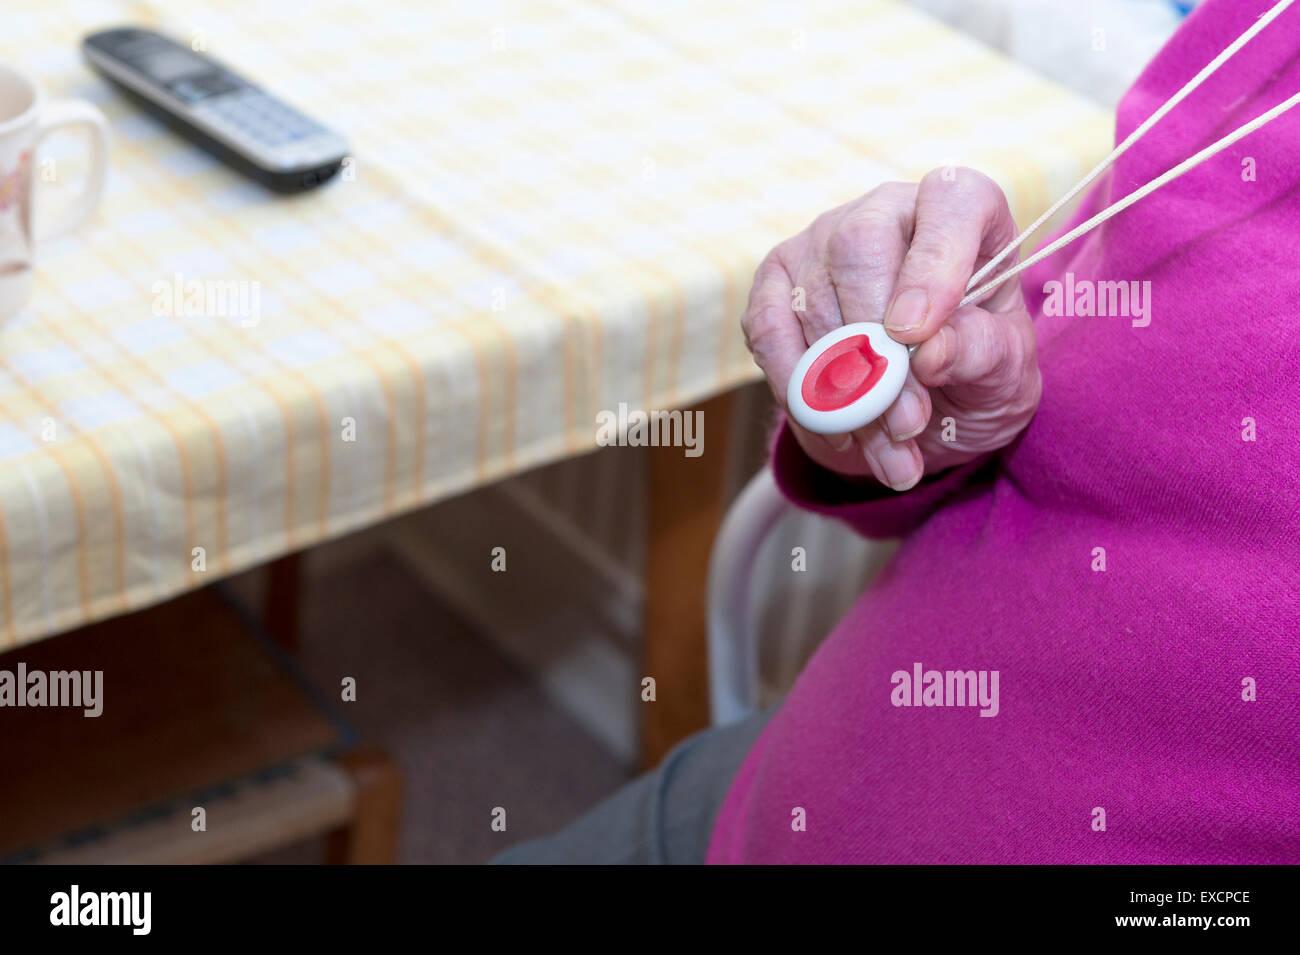 Die Hand von einer älteren Frau in ihre neunziger Jahre hält einen Lebensader Notfall Anhänger, die Stockbild